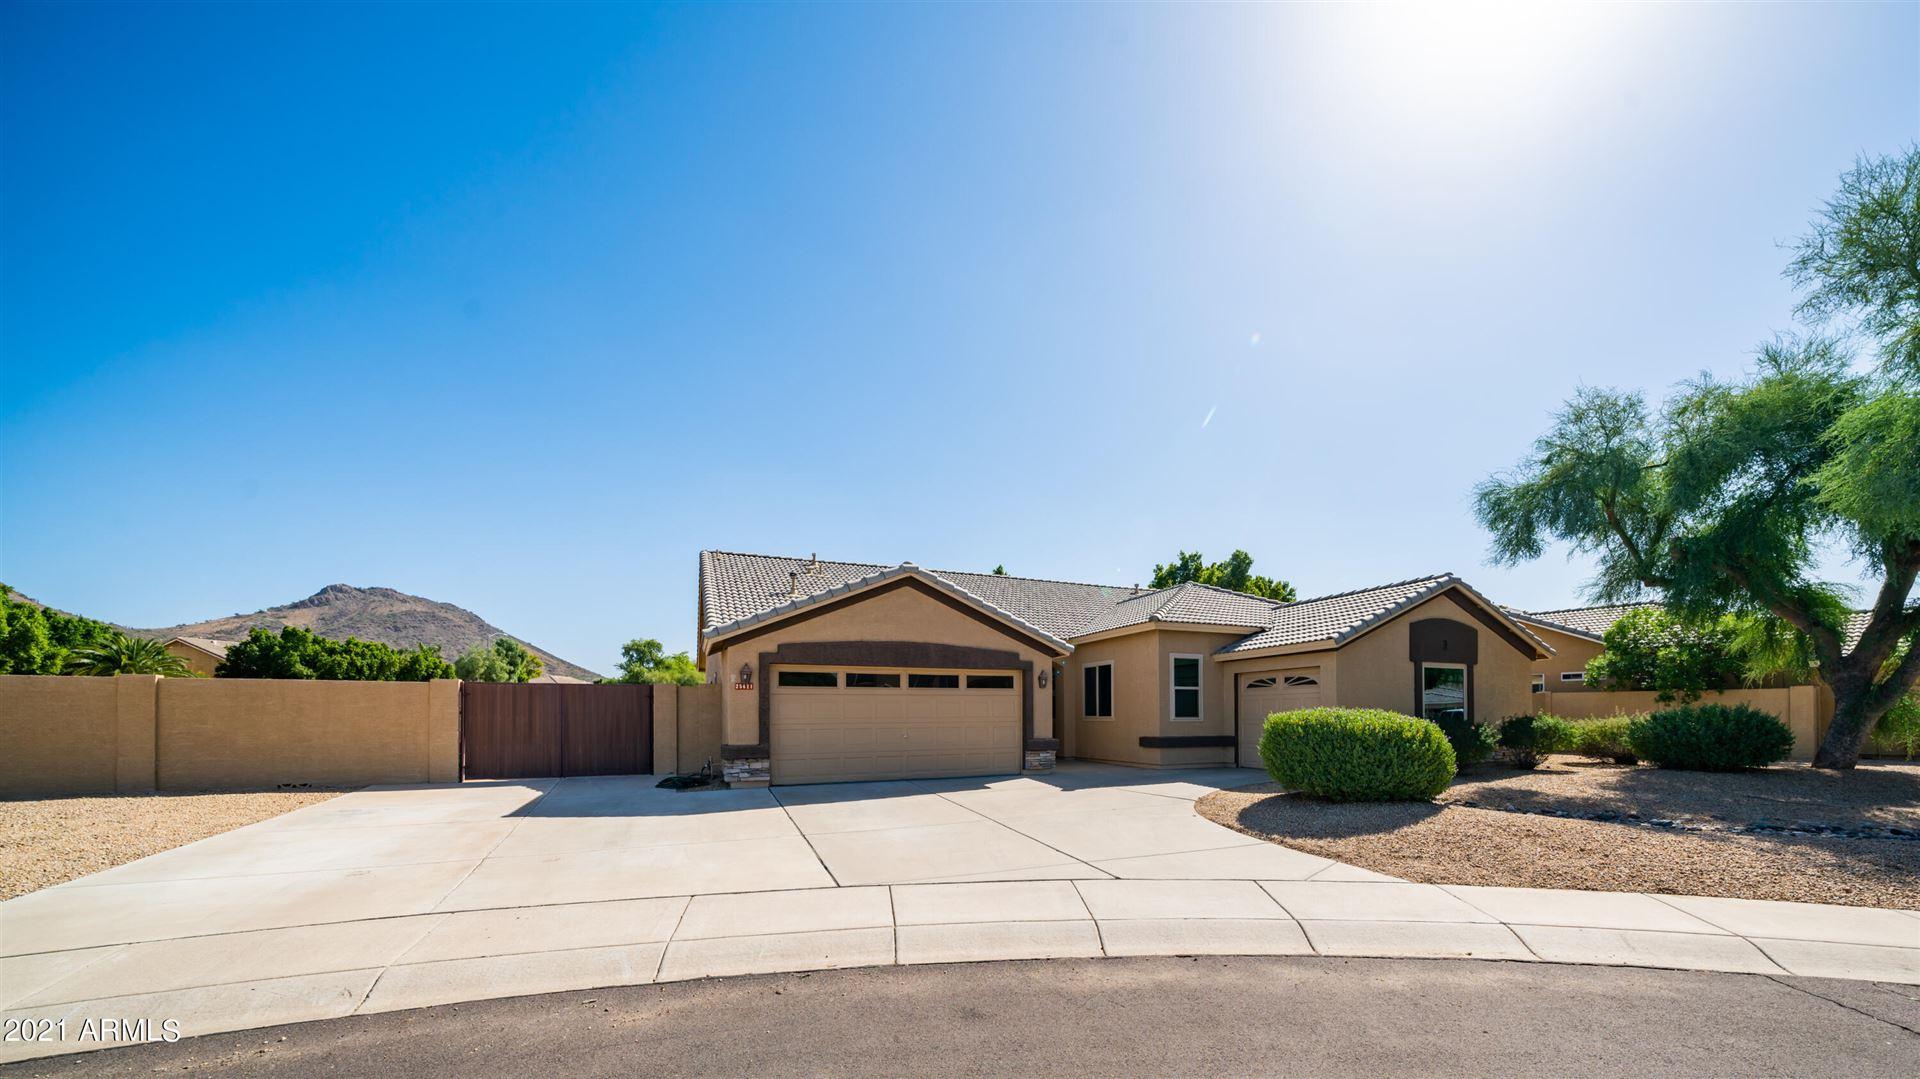 25671 N 68TH Drive, Peoria, AZ 85383 - MLS#: 6307279